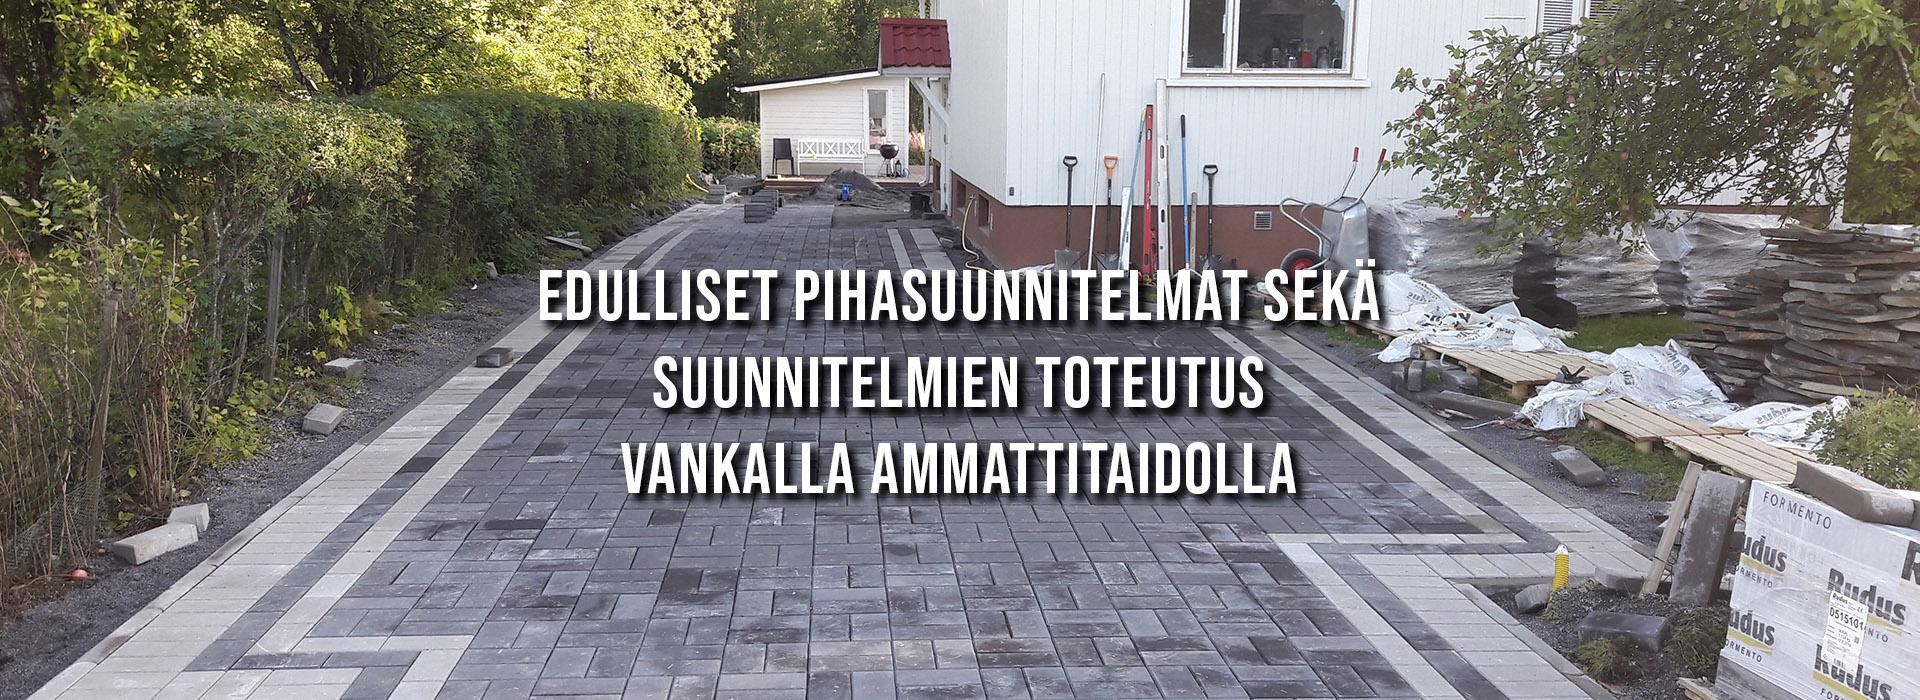 Pihakiveykset - pihasuunnitelmat ja niiden toteutus vankalla ammattitaidolla | PihaMestari.fi